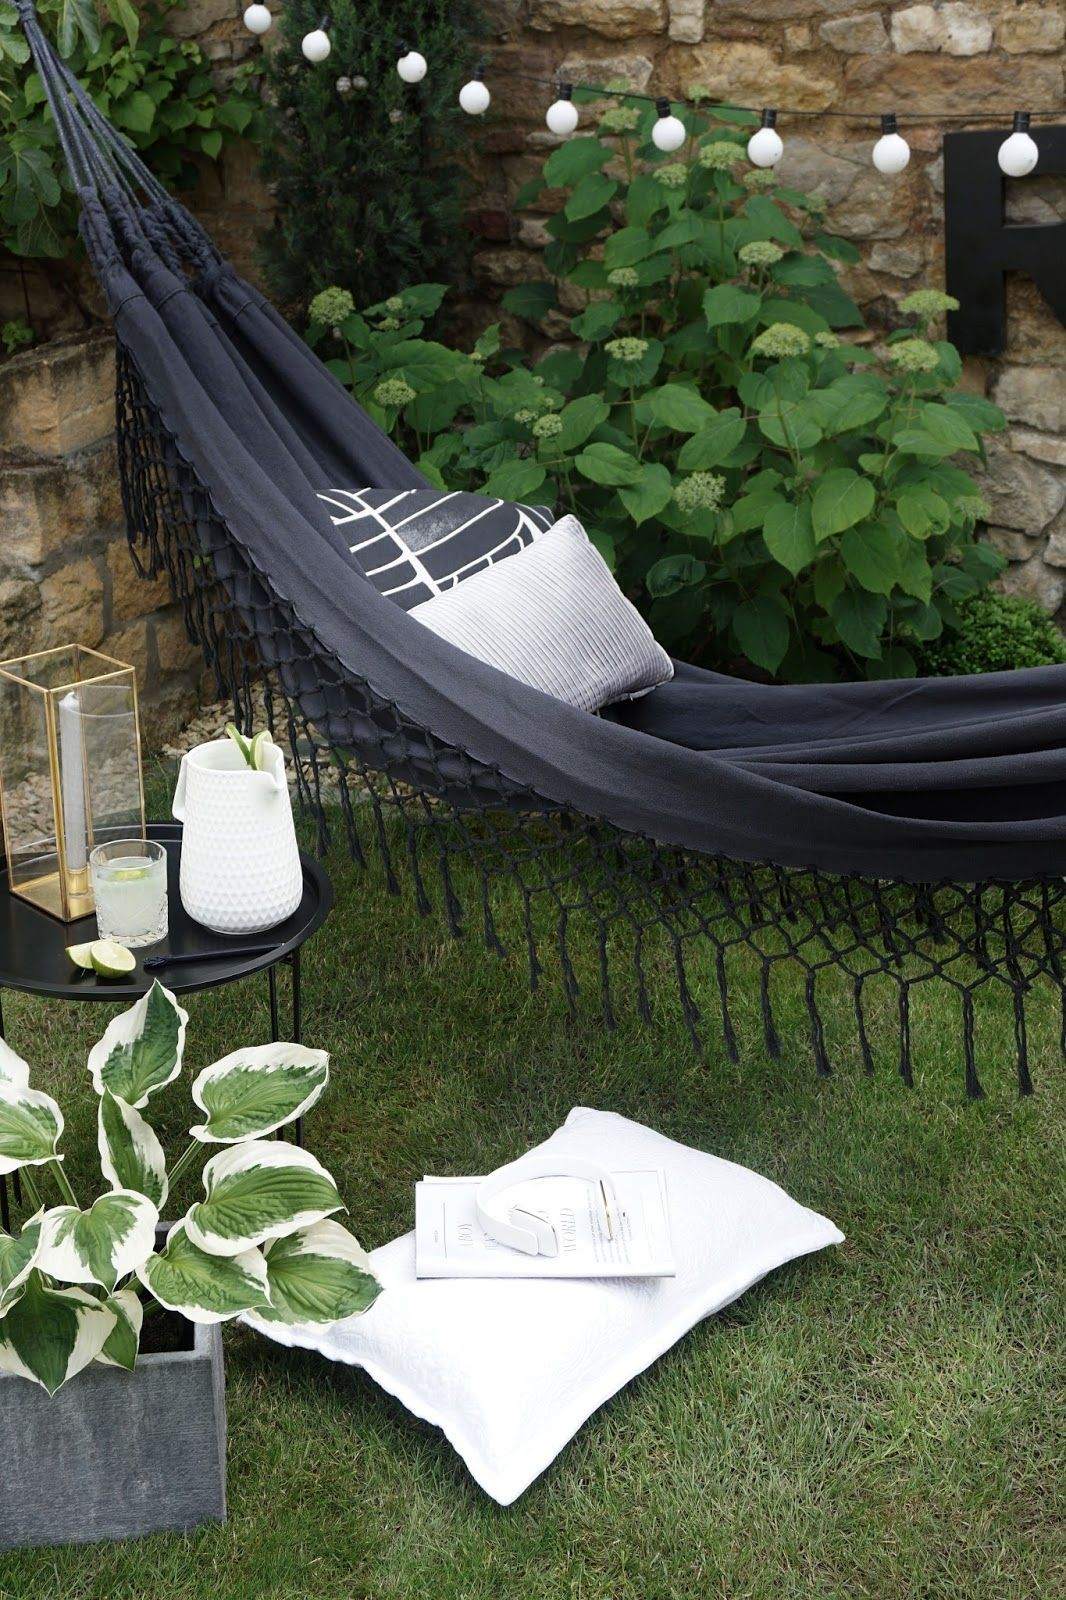 pin von alexandros angelopoulos auf hotels | pinterest, Gartengerate ideen